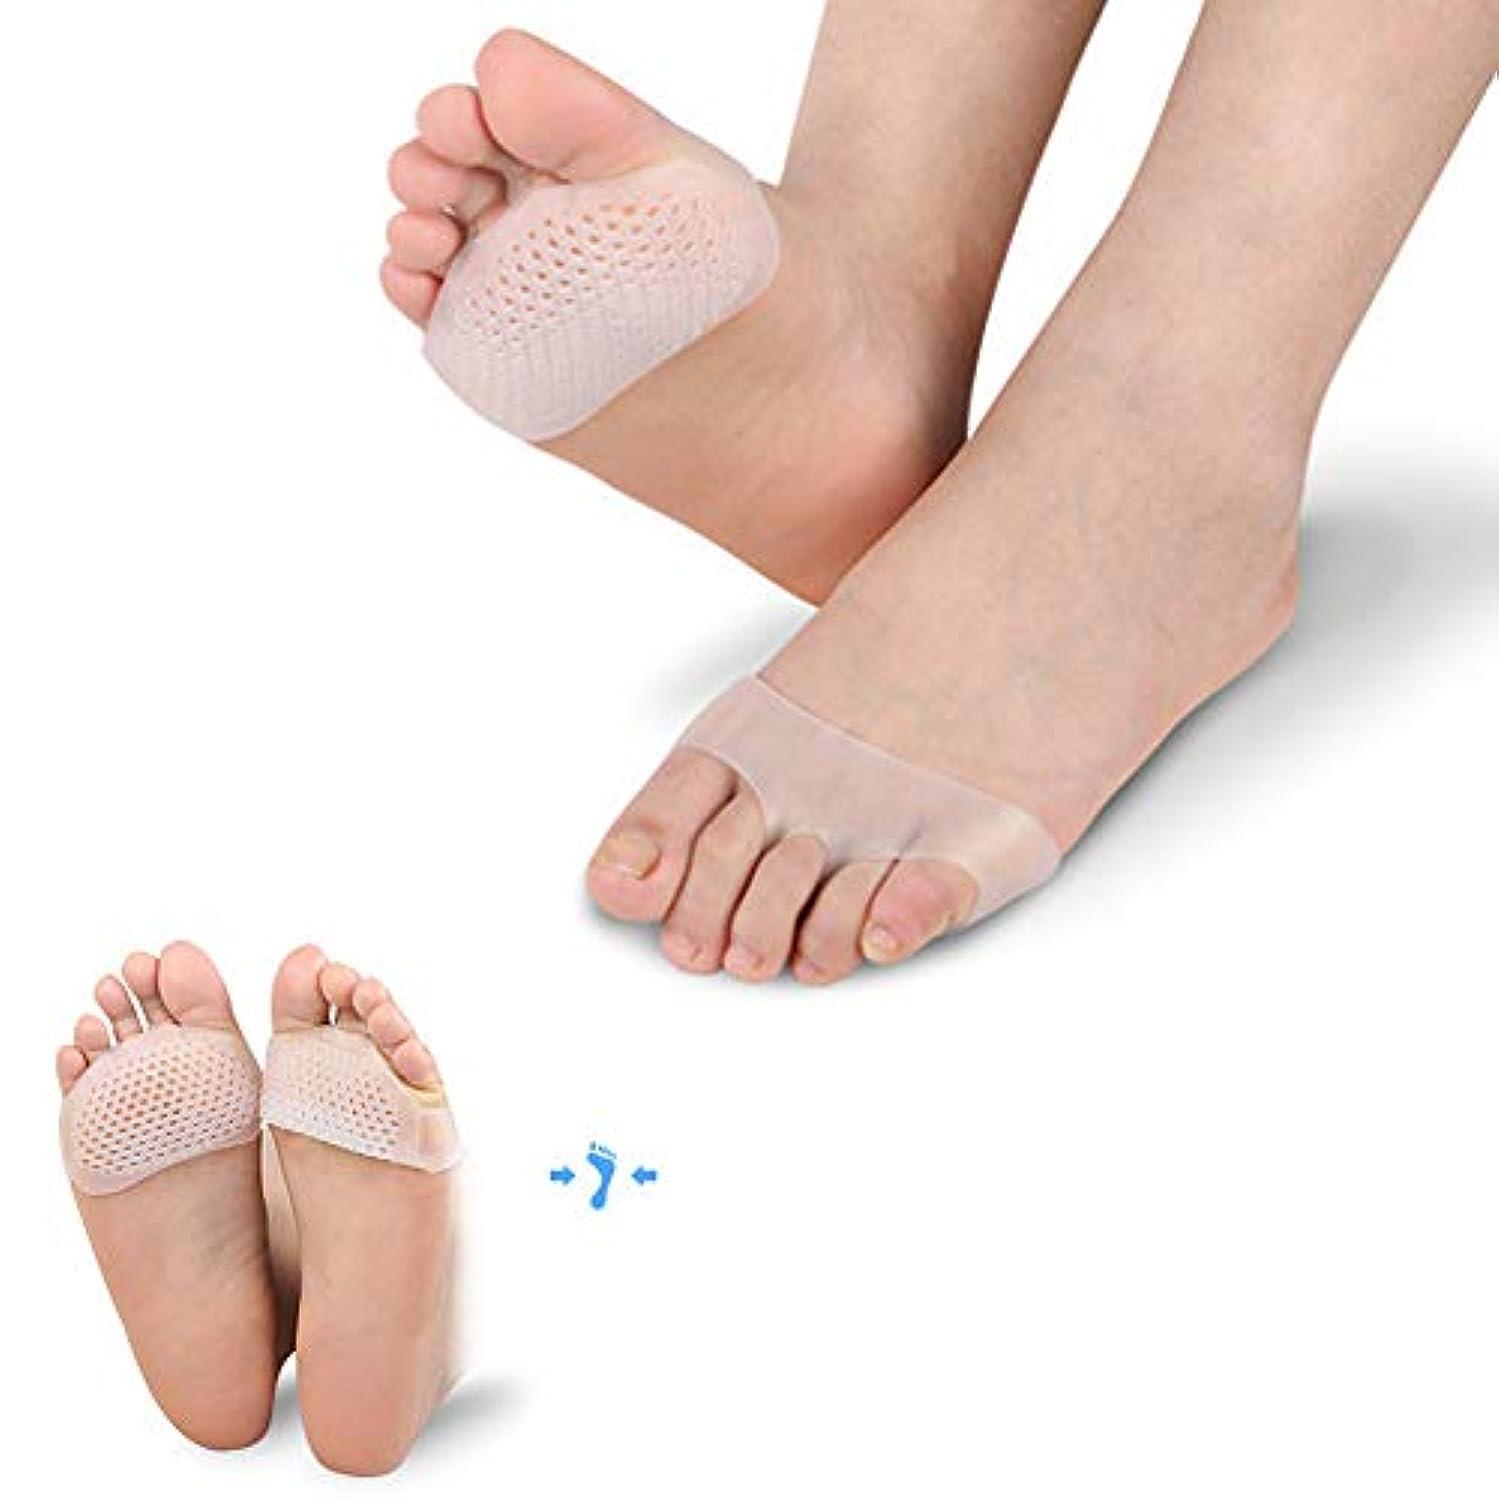 溢れんばかりのトラクタービジター5ペアシリコンつま先セパレータ痛み緩和クッションソフトジェルインソール前足パッド見えない靴スリップ耐性インソールフットケア